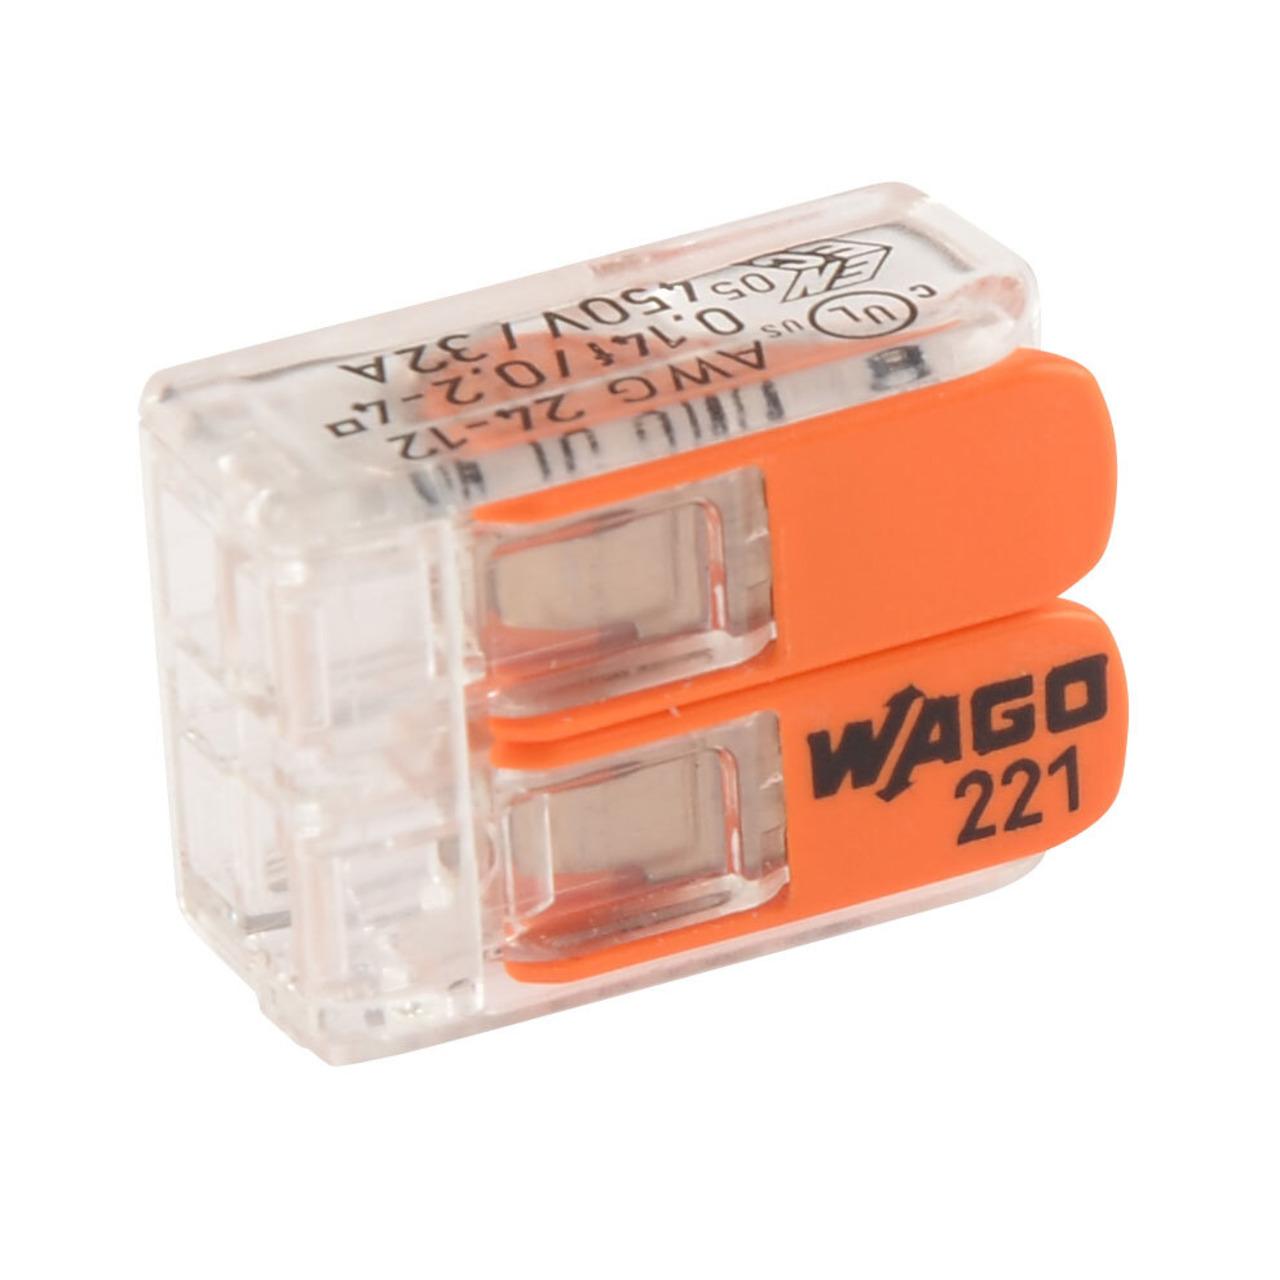 Wago 221-412 COMPACT Verbindungsklemme 2 x 4 mm²- 100 Stück